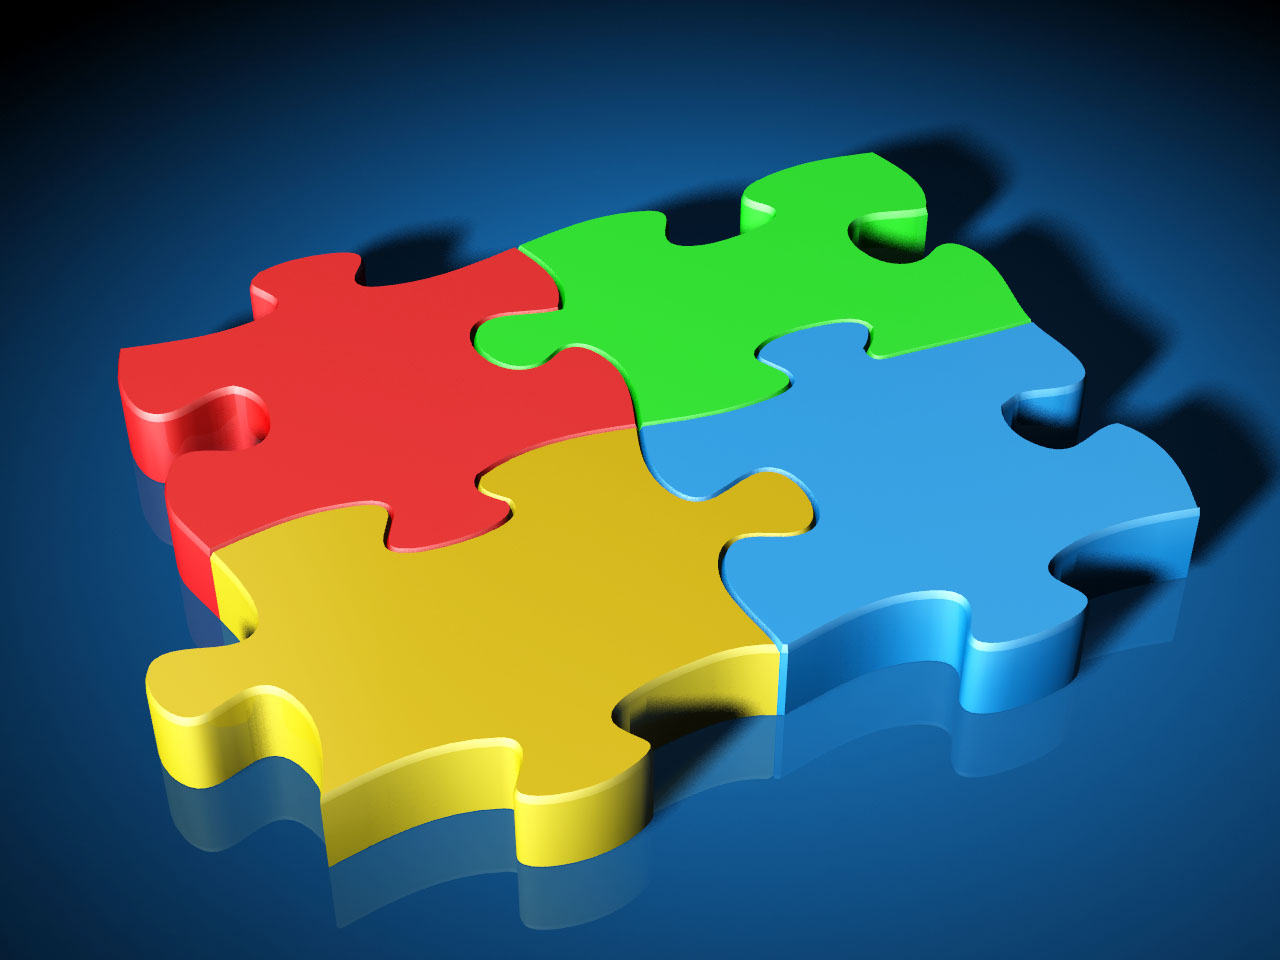 autism symbol_1506657105482.jpg